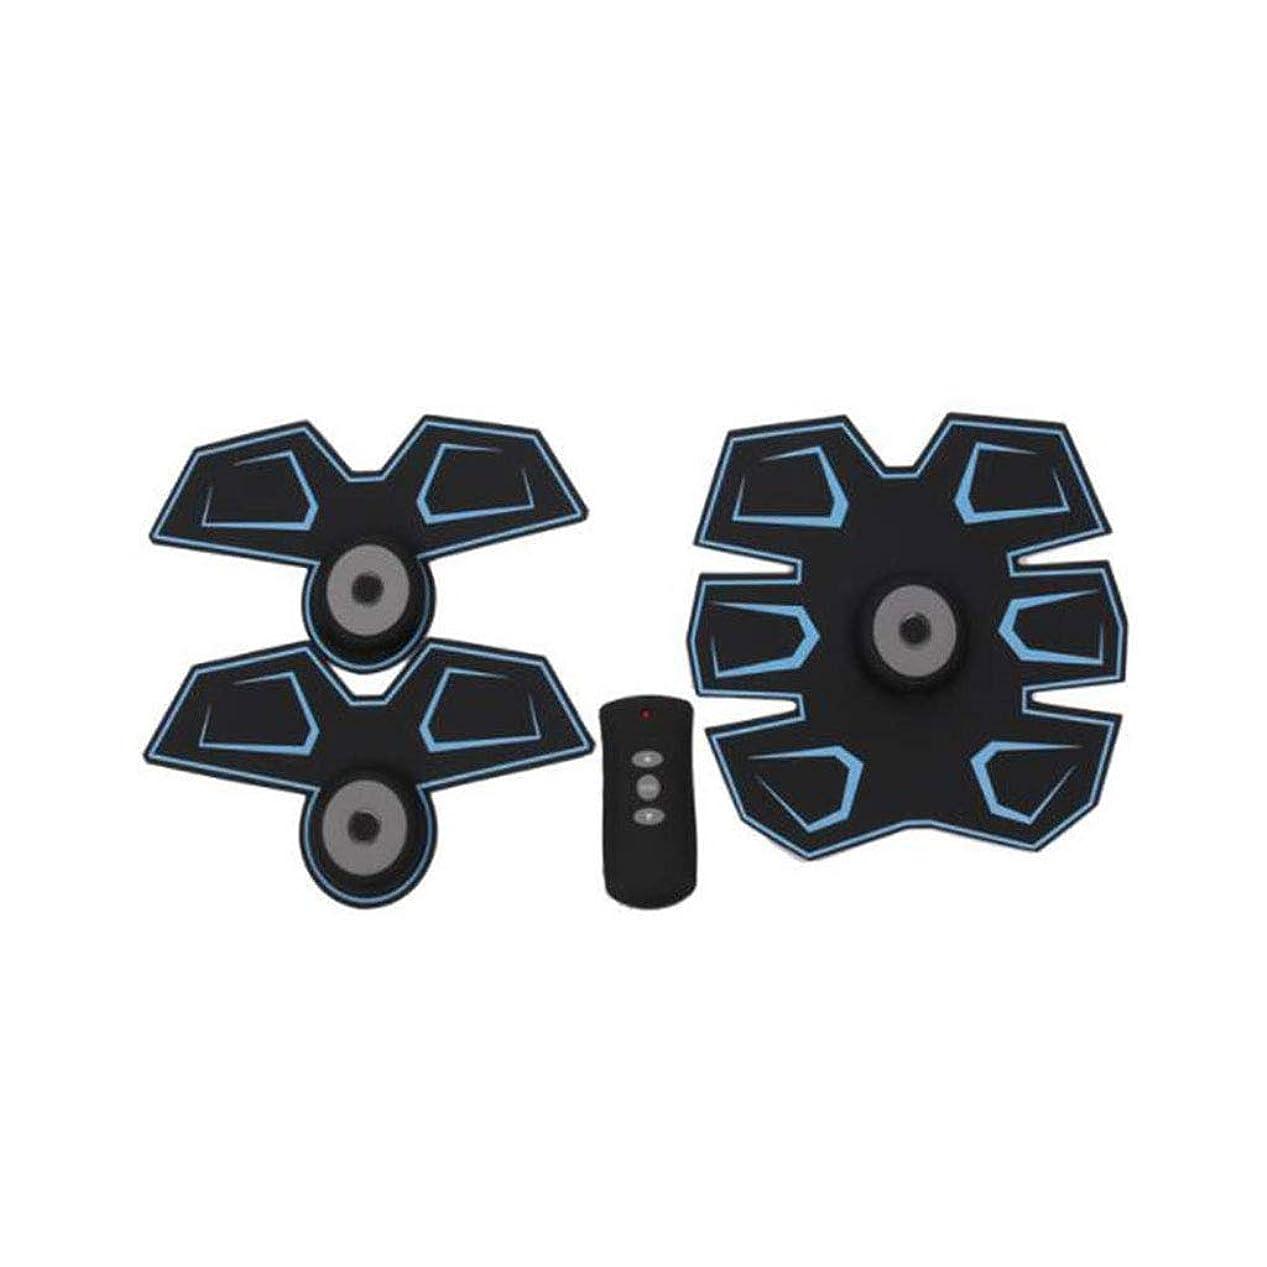 イサカ変換出発するGWM 腹部マッサージャー筋肉フィットネス装置、腹部電気刺激装置EMS腹部トレーナー、ワイヤレス電子フィットネスマッサージャーセット腹部腕脚ユニセックス(青)